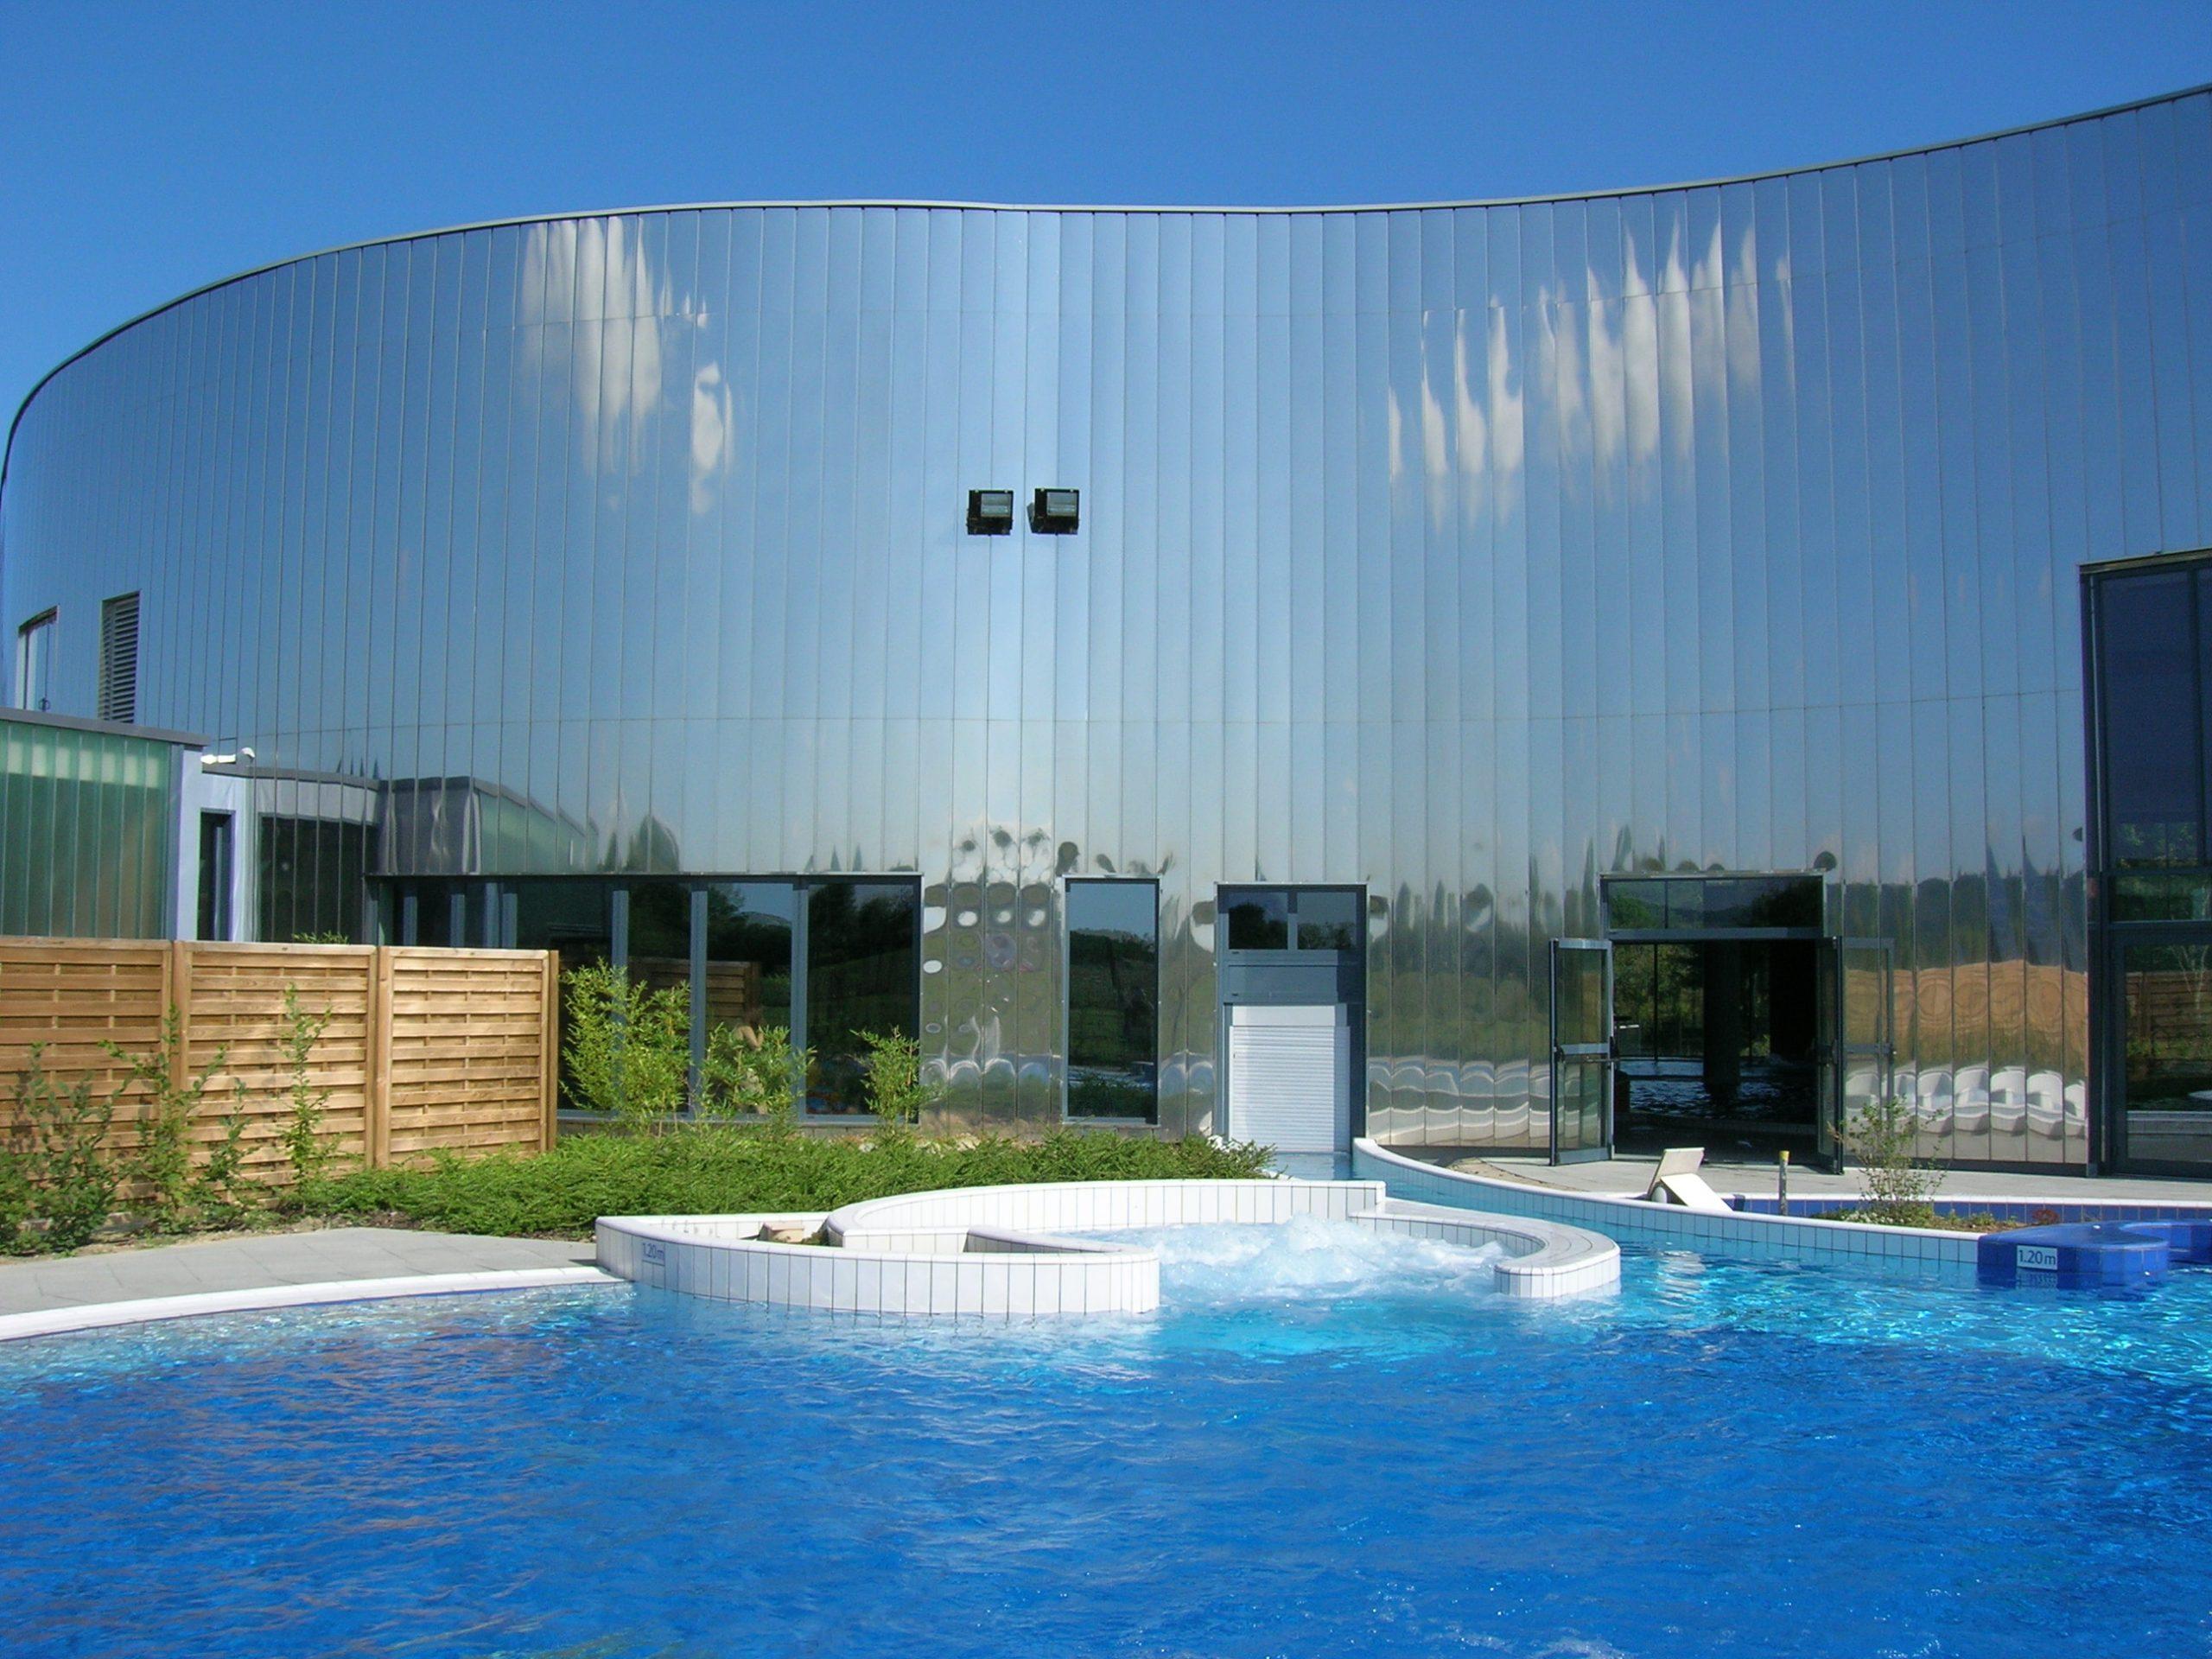 Piscines - Balnéor - Centre Aqualudique à Piscine St Amand Les Eaux